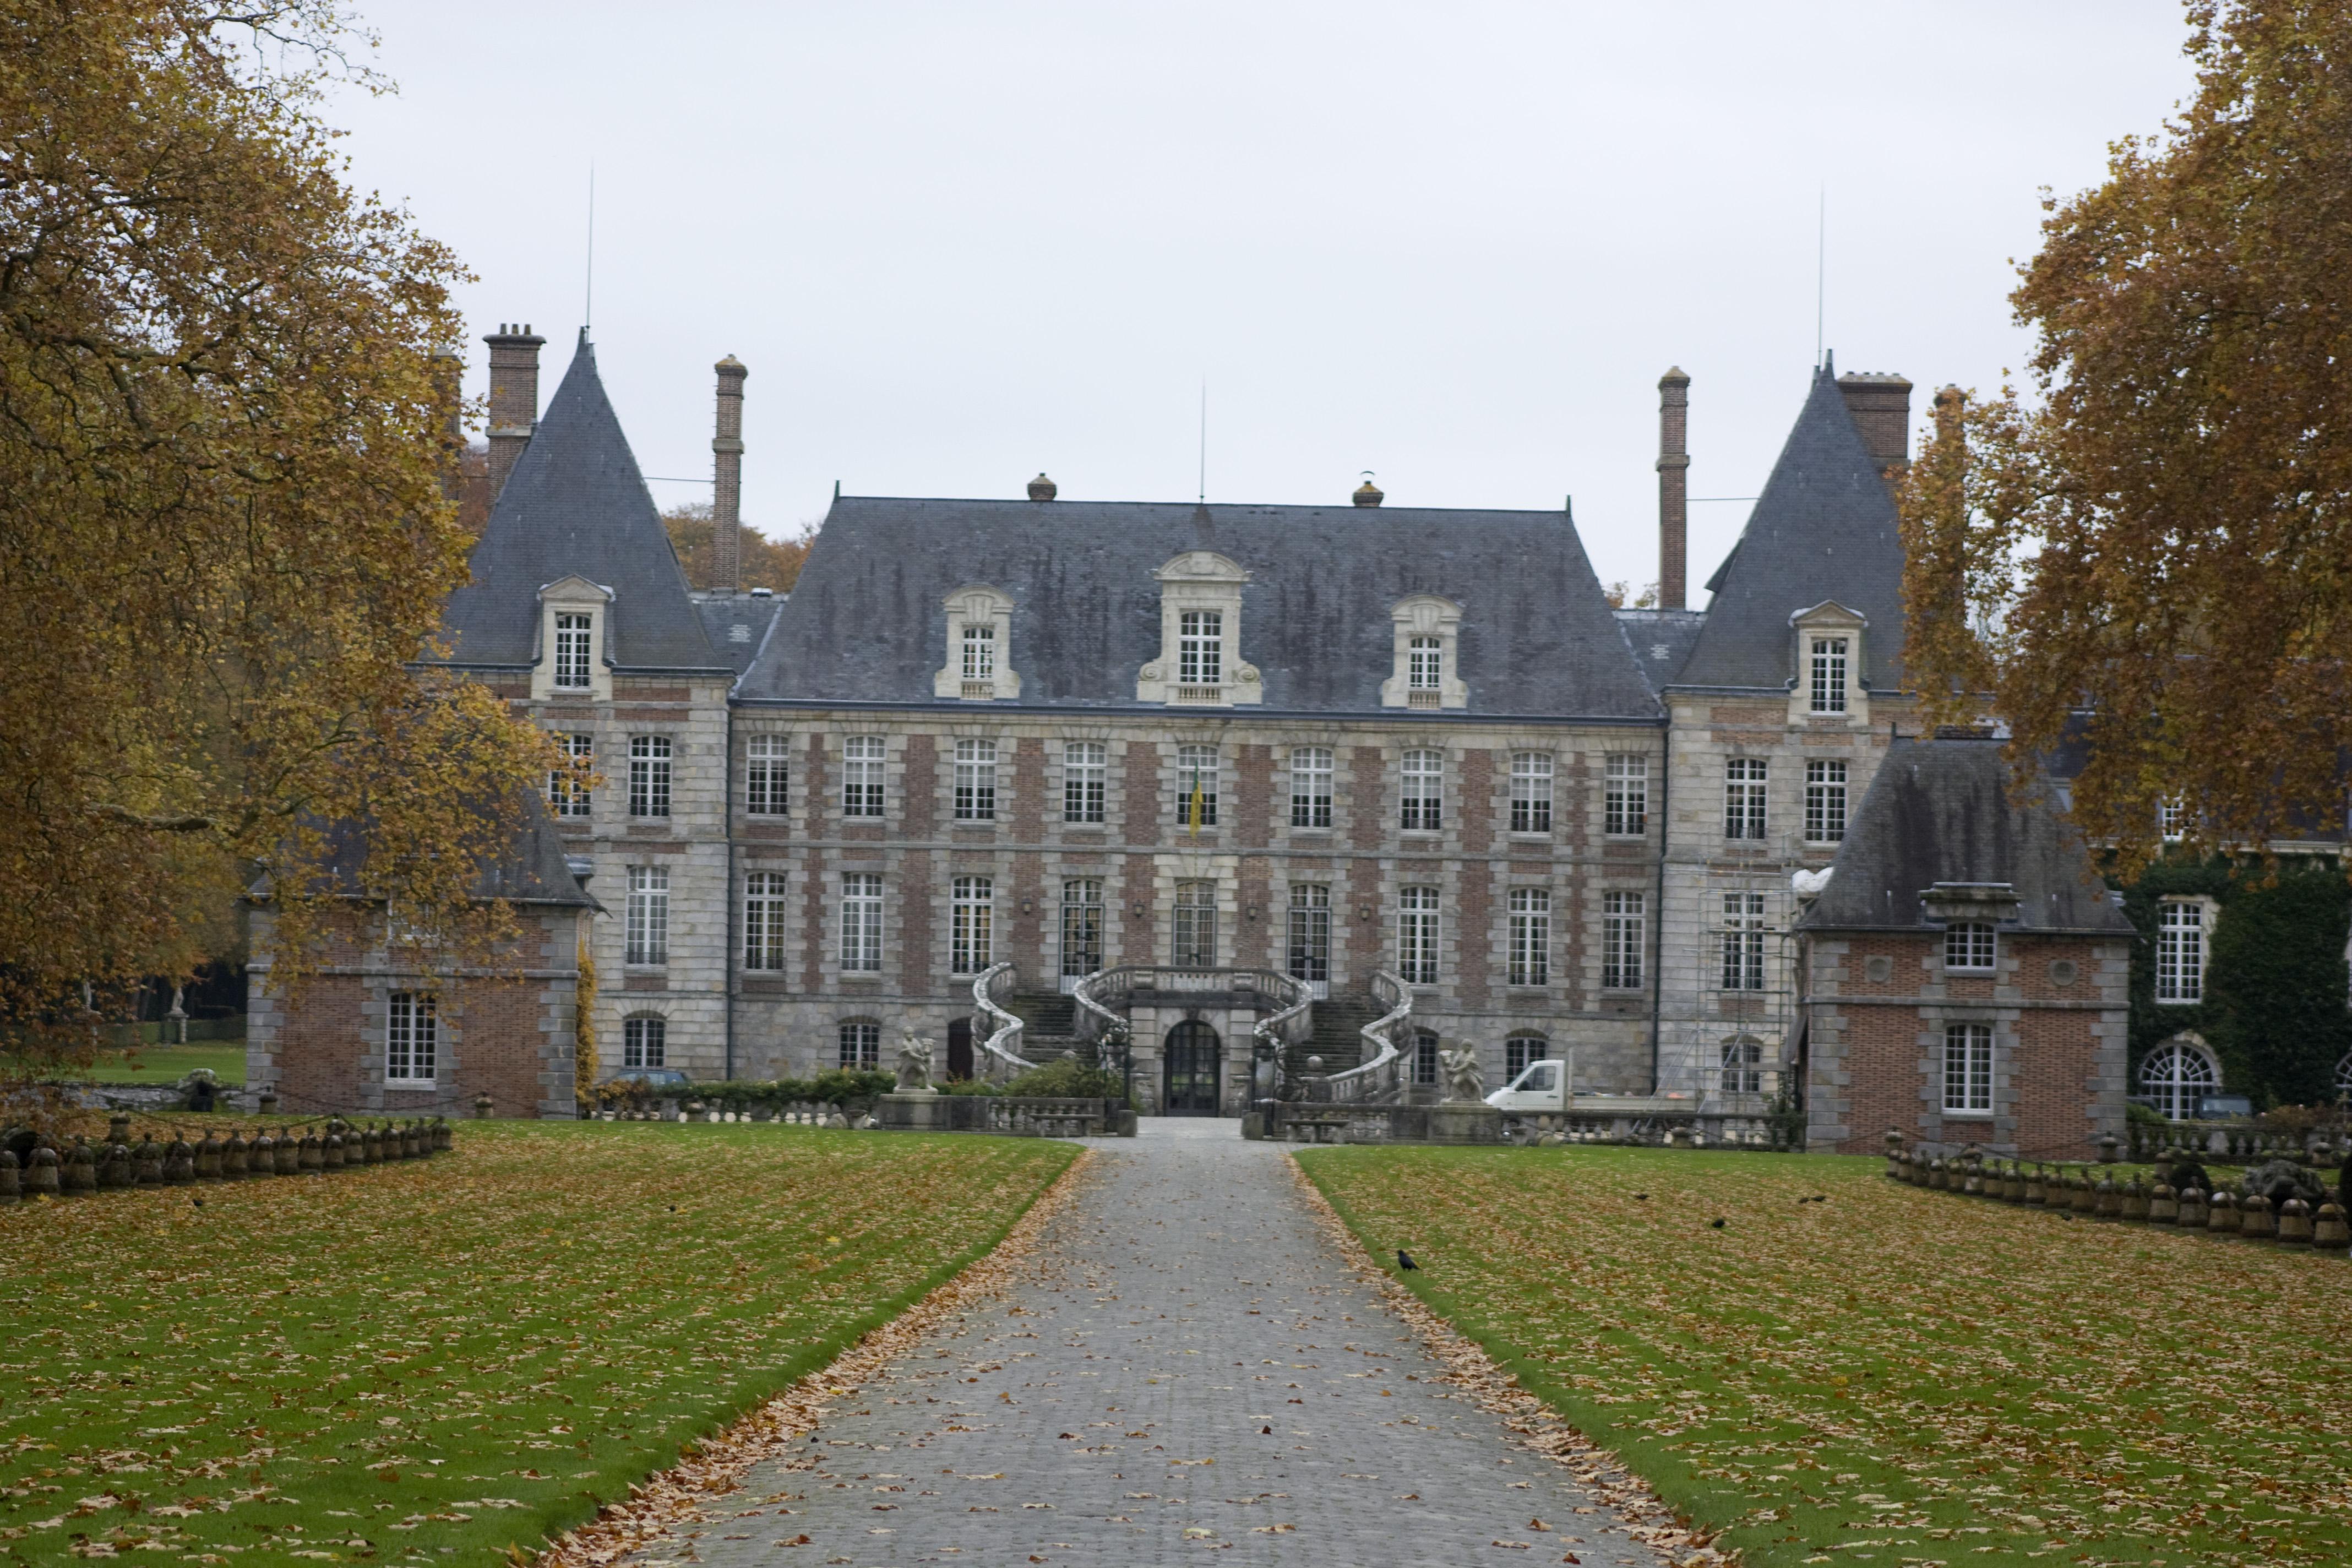 Kronleuchtervermietung Kronleuchter Als Dekoration Chateau Courances